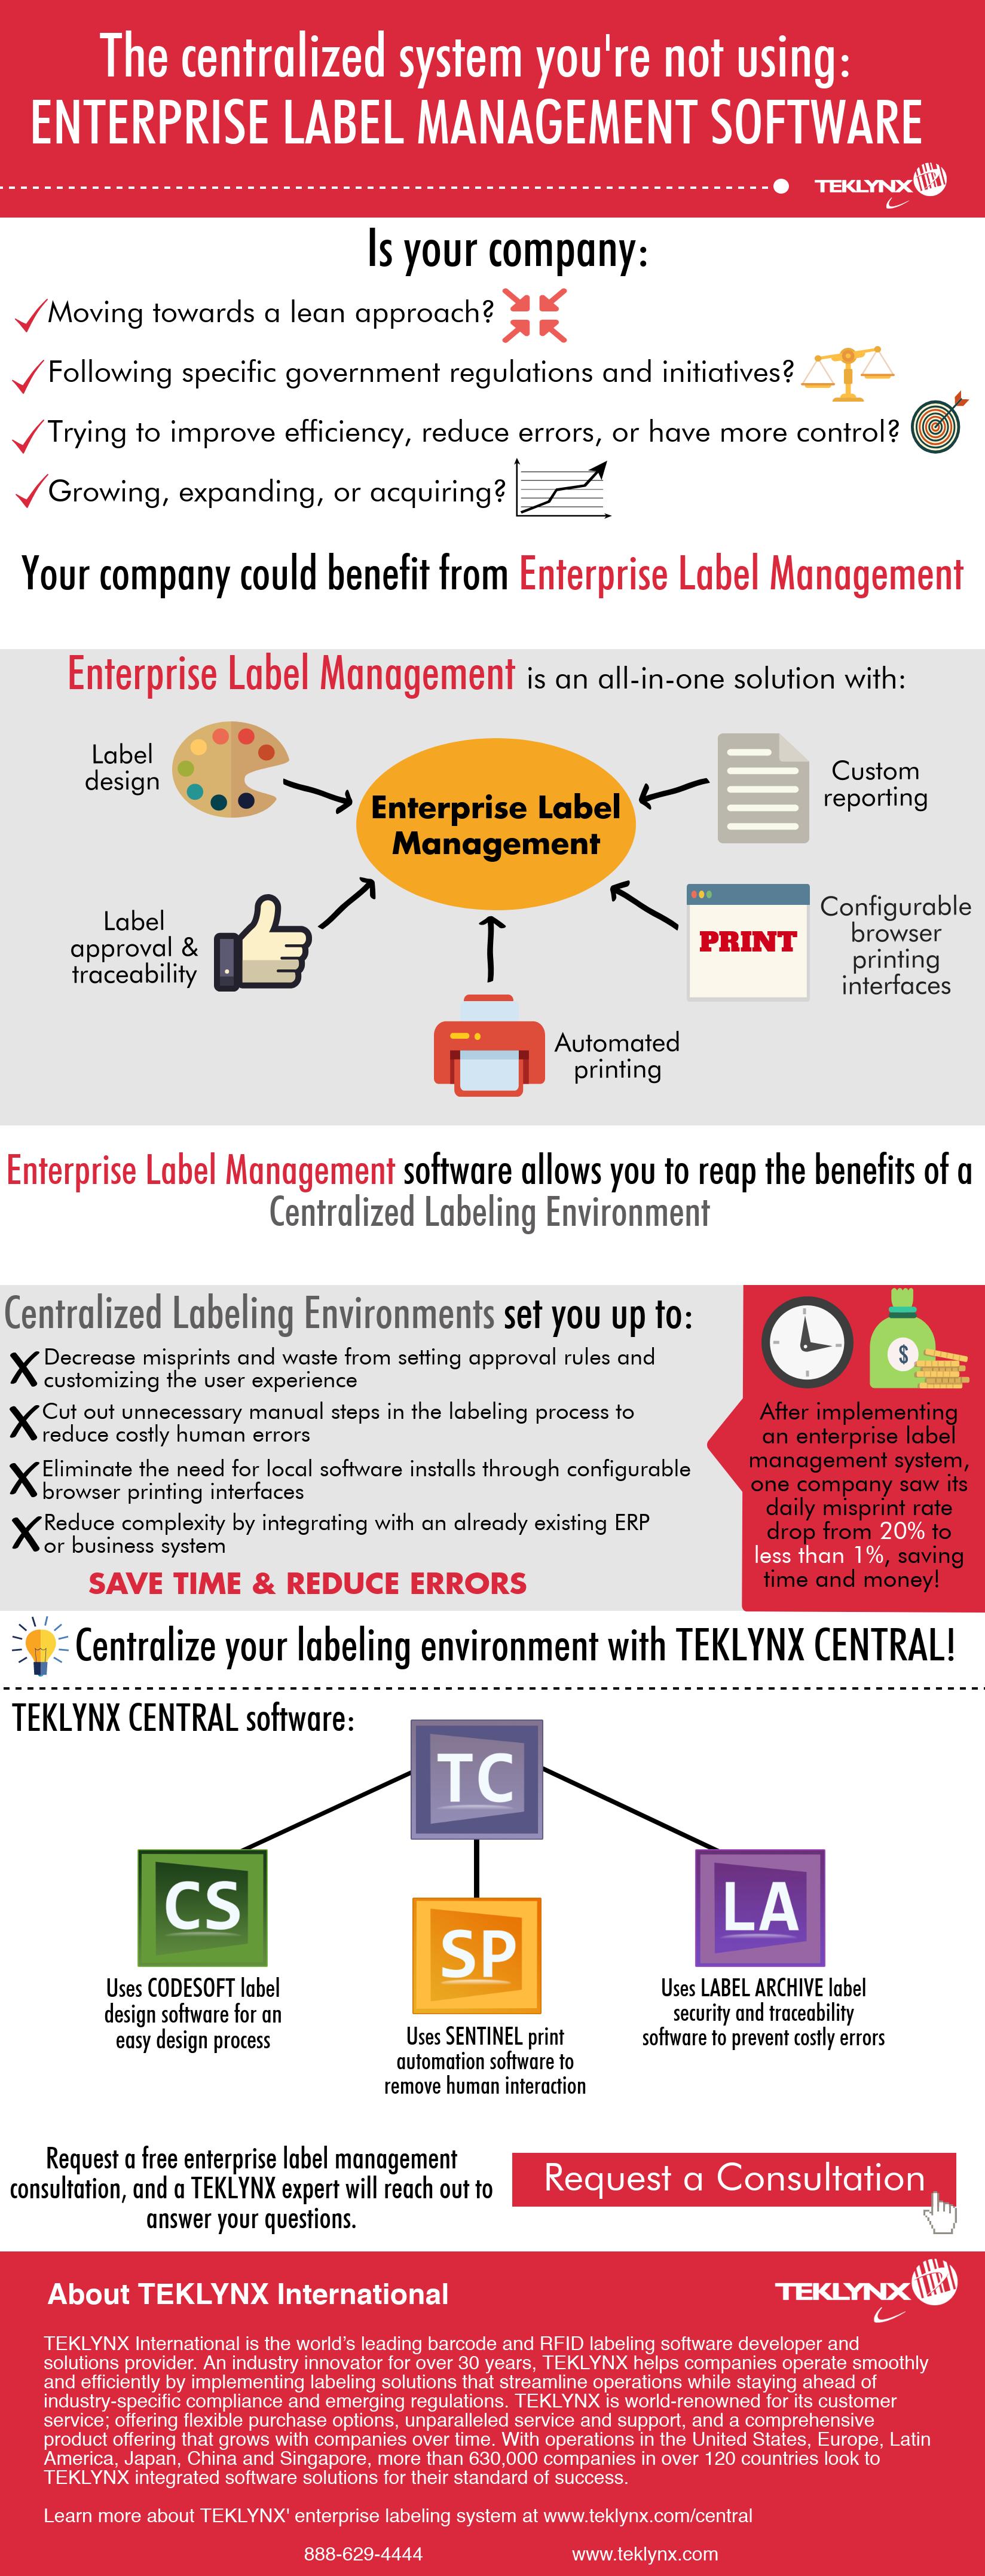 O sistema centralizado que você não está usando: Software de Gerenciamento de Etiquetas Corporativas